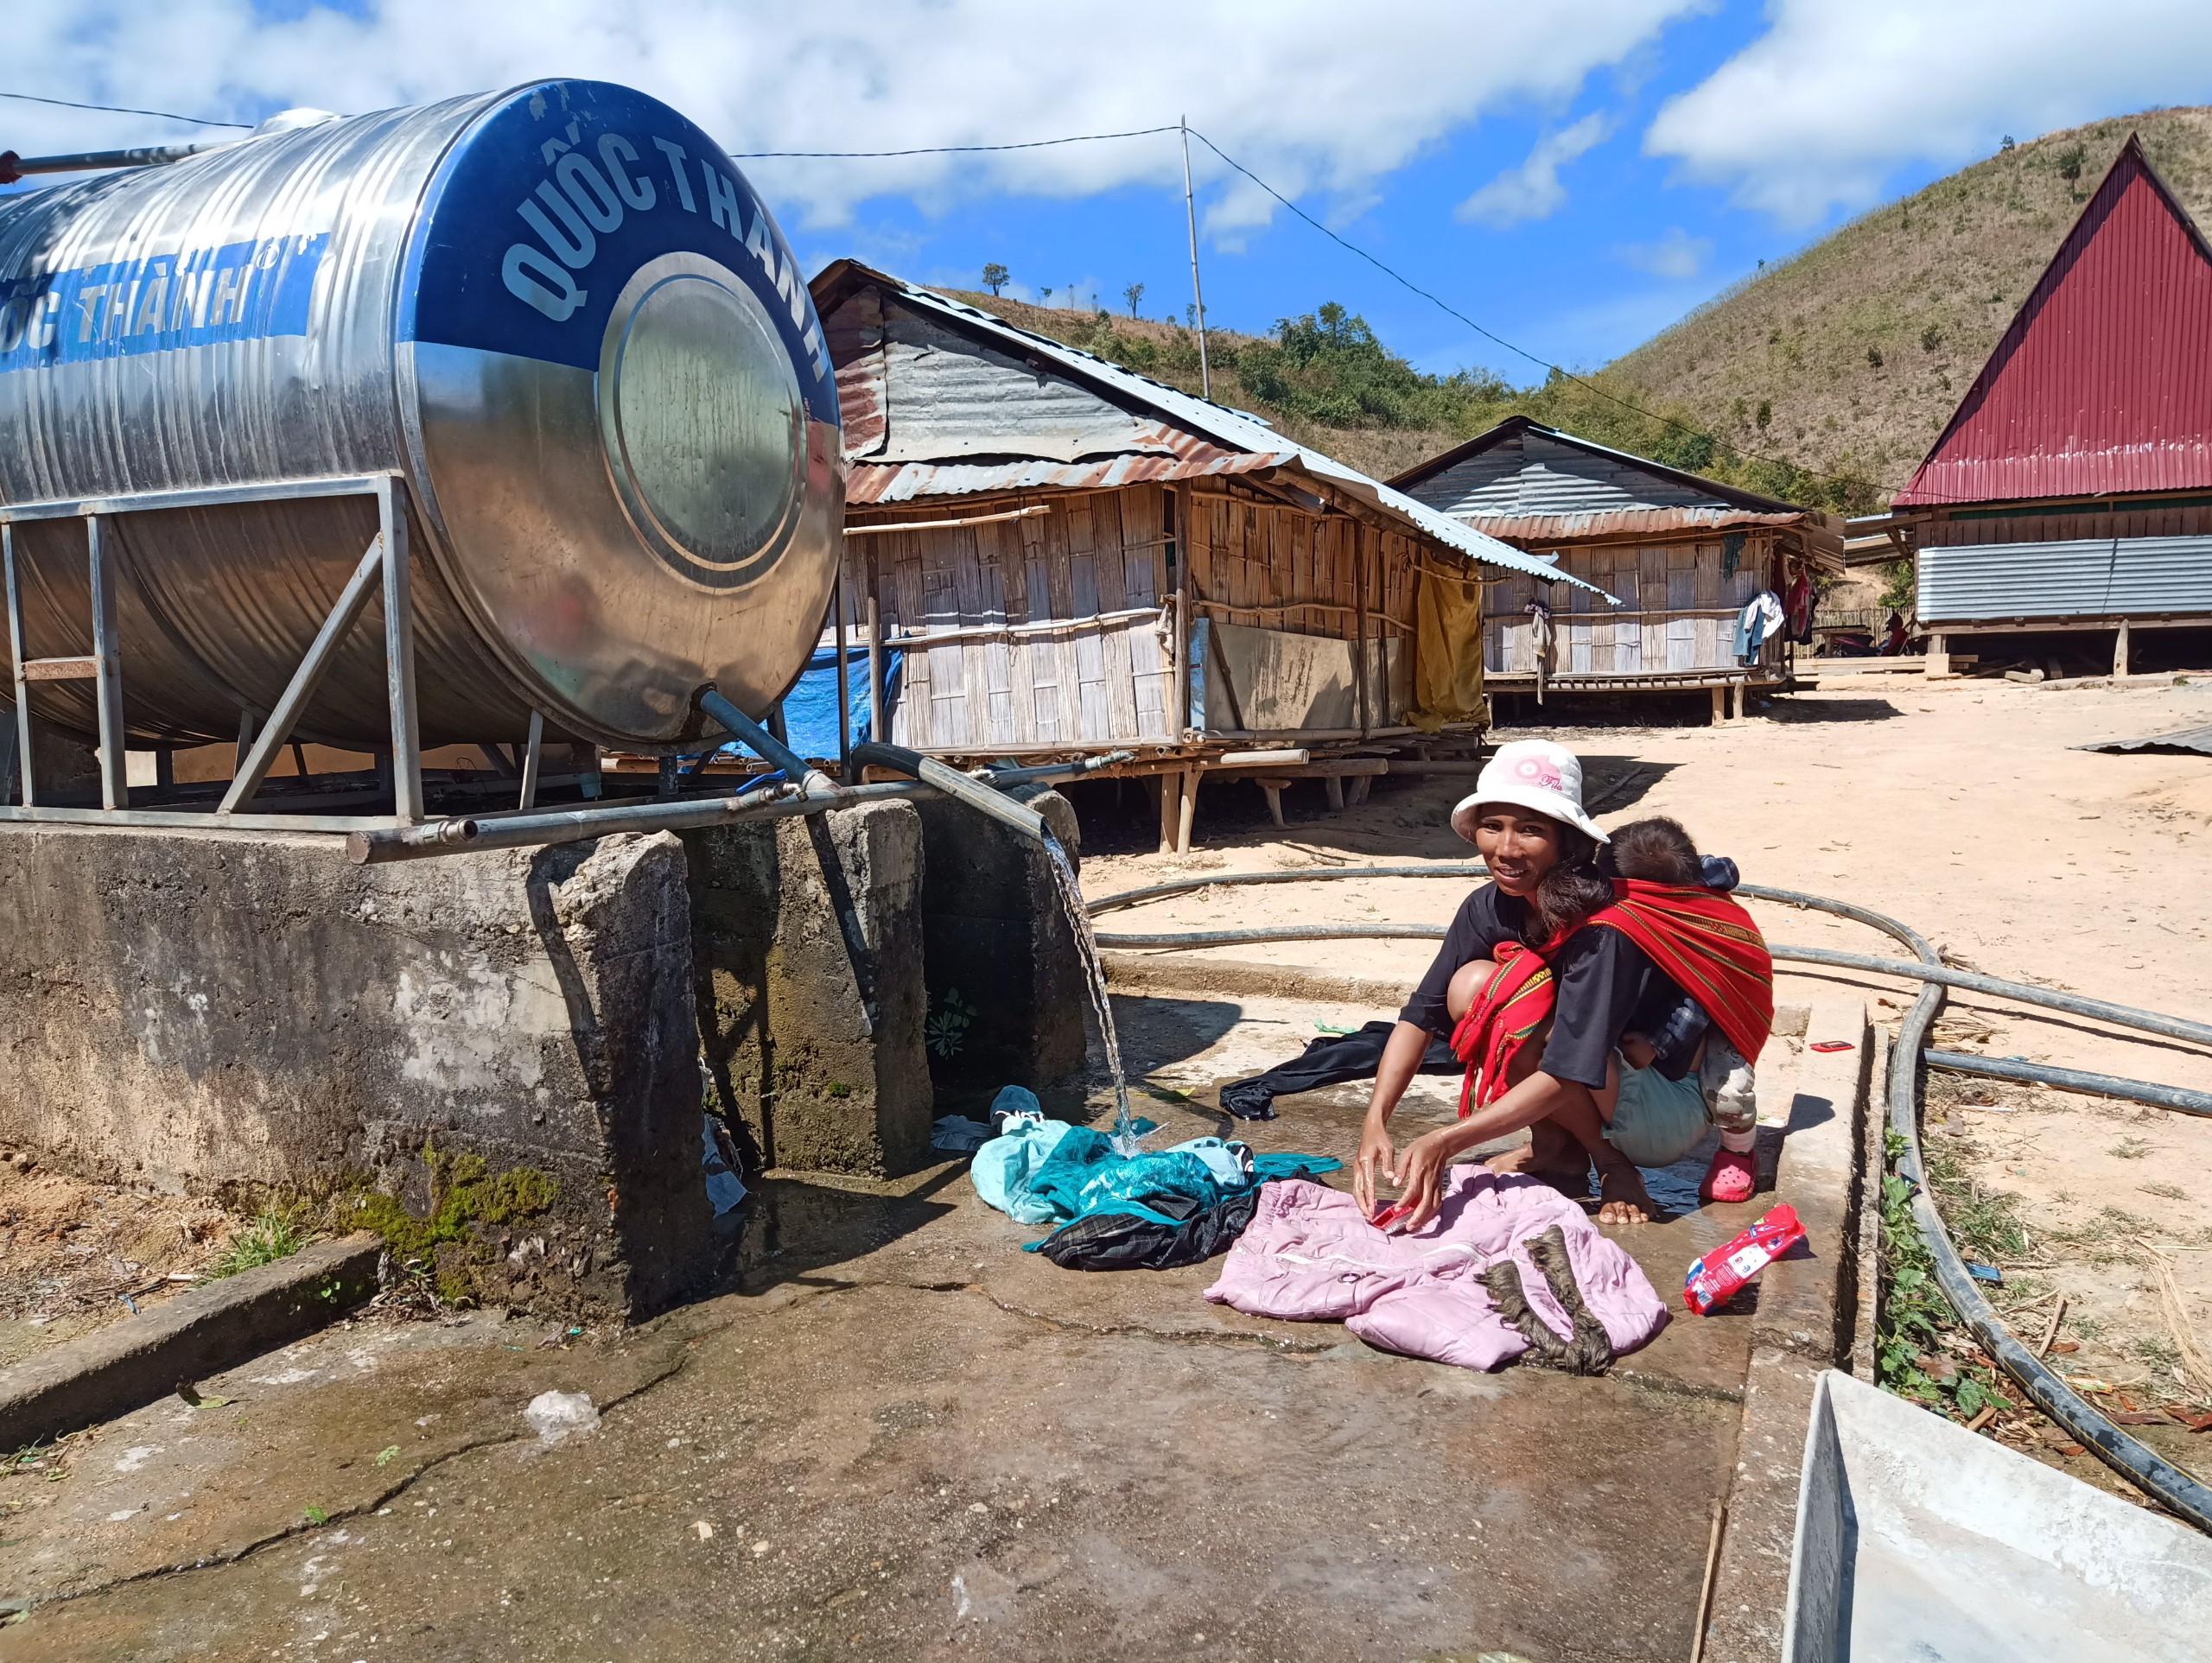 Hệ thống cung cấp nước sạch đáp ứng đủ nhu cầu cho người dân khu tái định cư